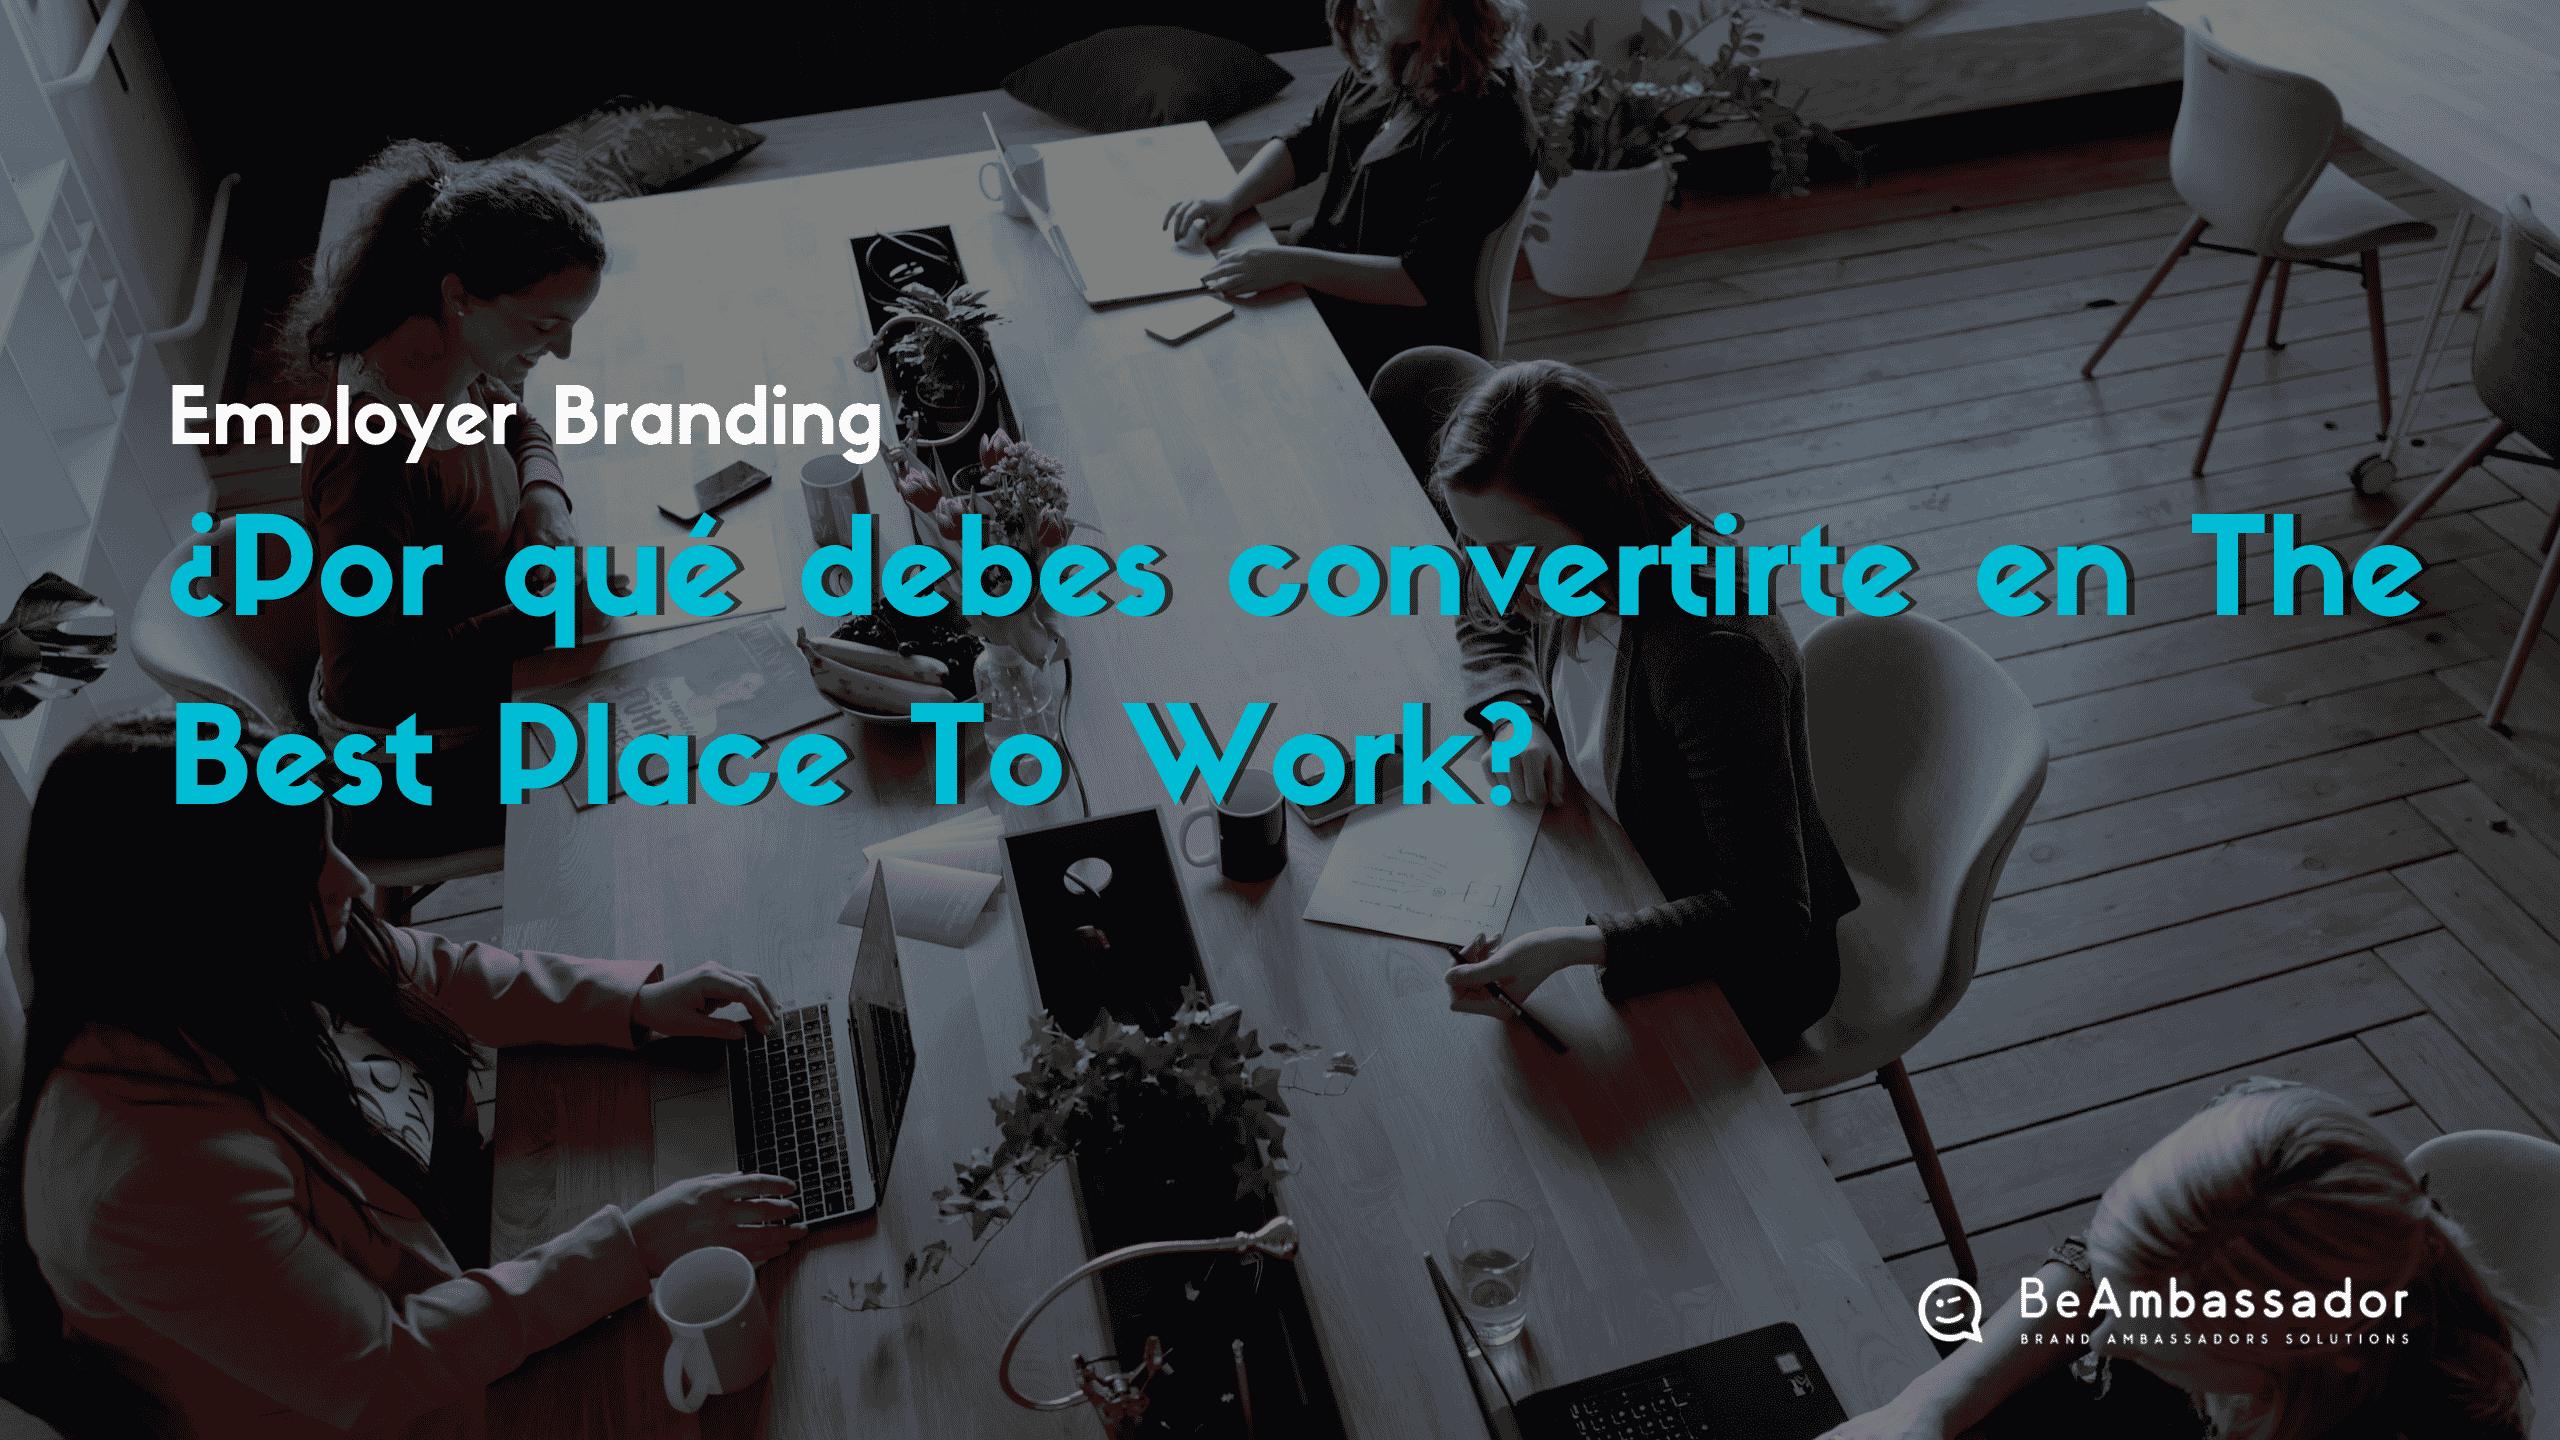 Por qué convertirte en The Best Place To Work